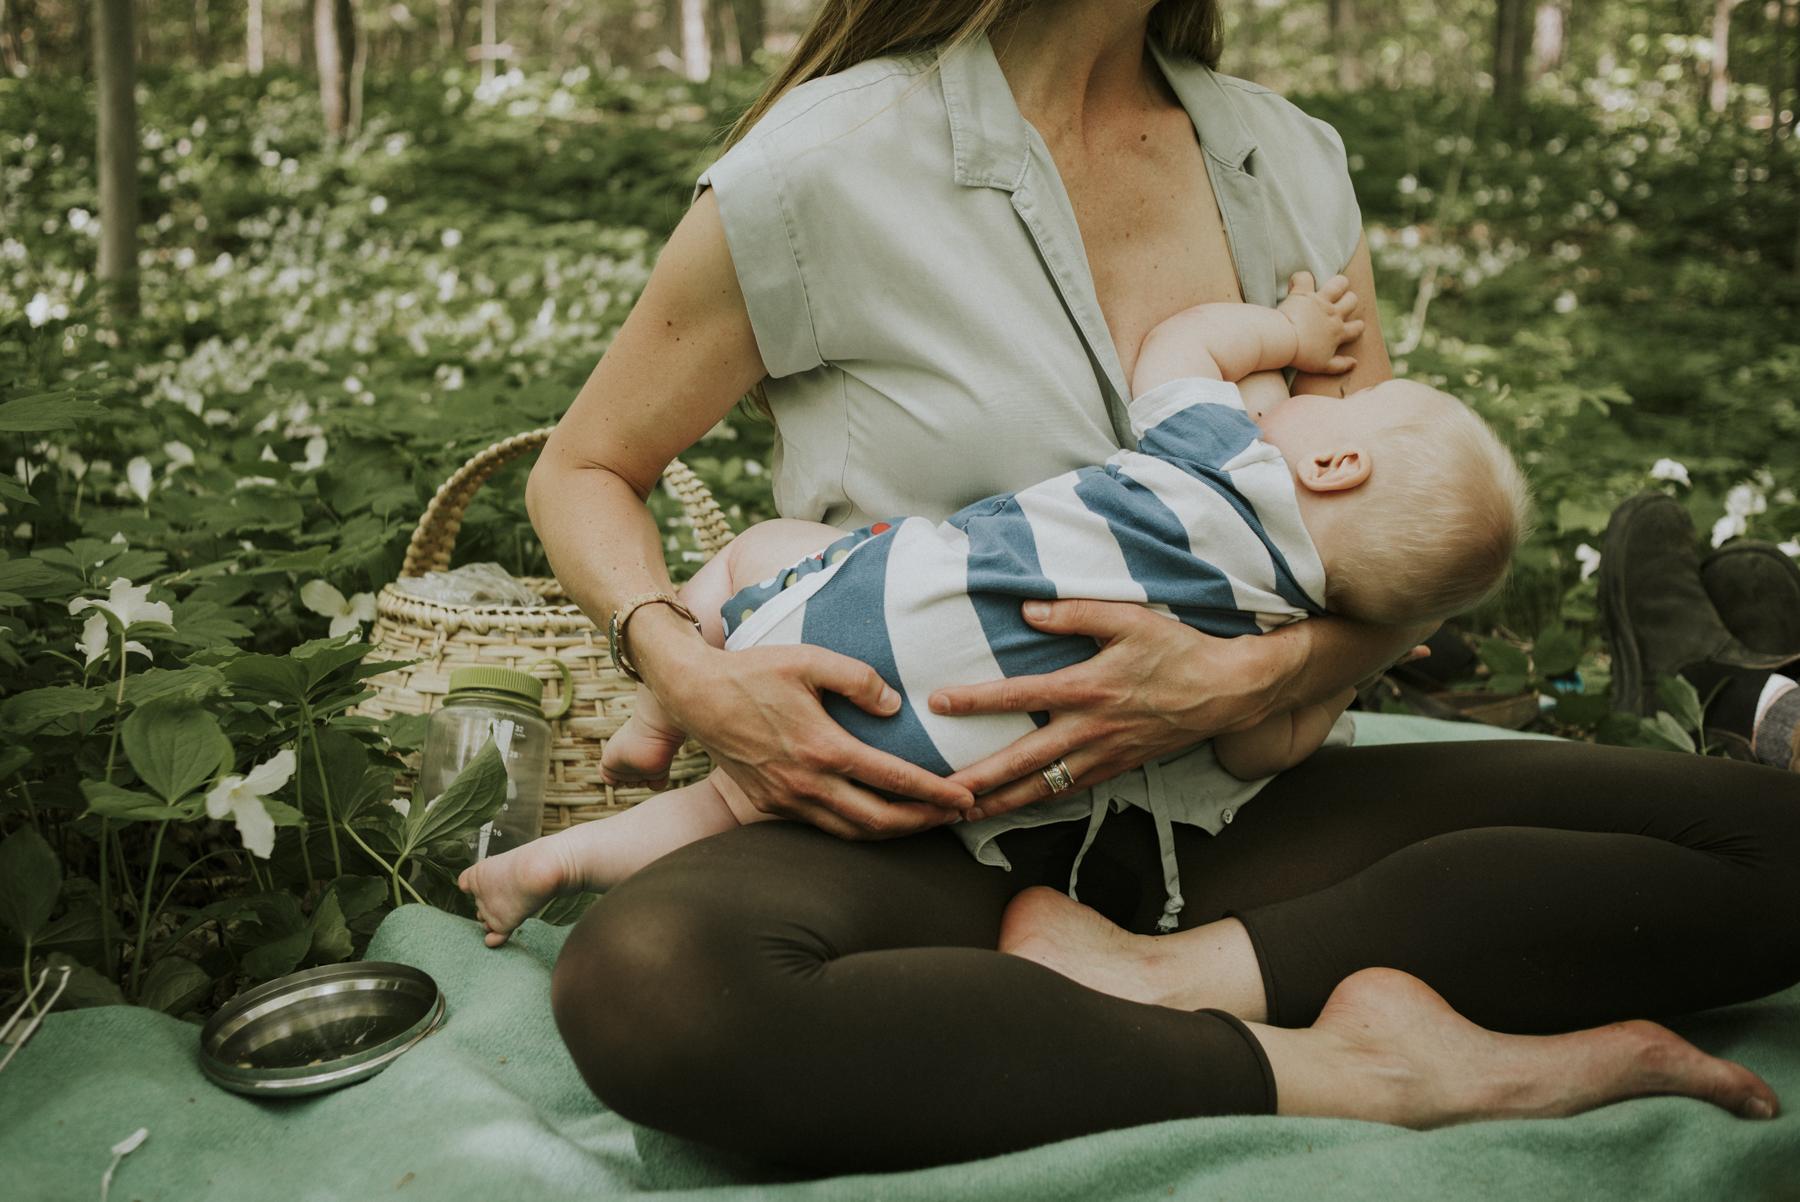 Mother nursing child in Thornbury forest, Ontario.